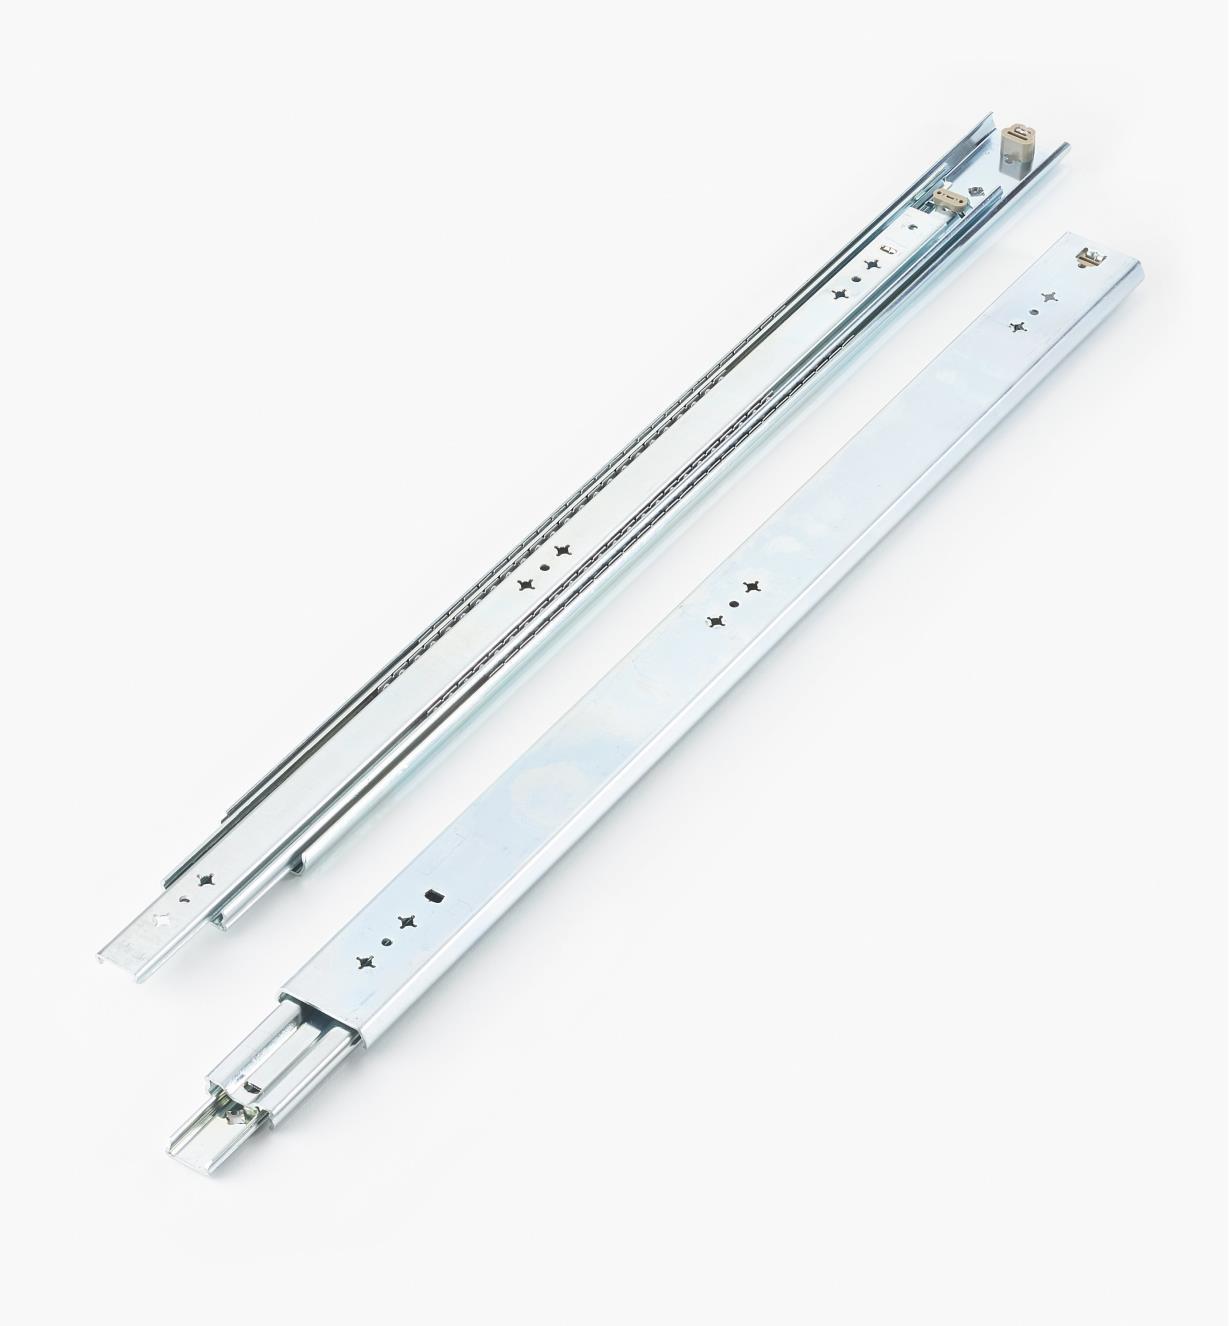 02K3228 - Coulisses de 28po (700mm) à extension complète pour charge de 200lb, la paire